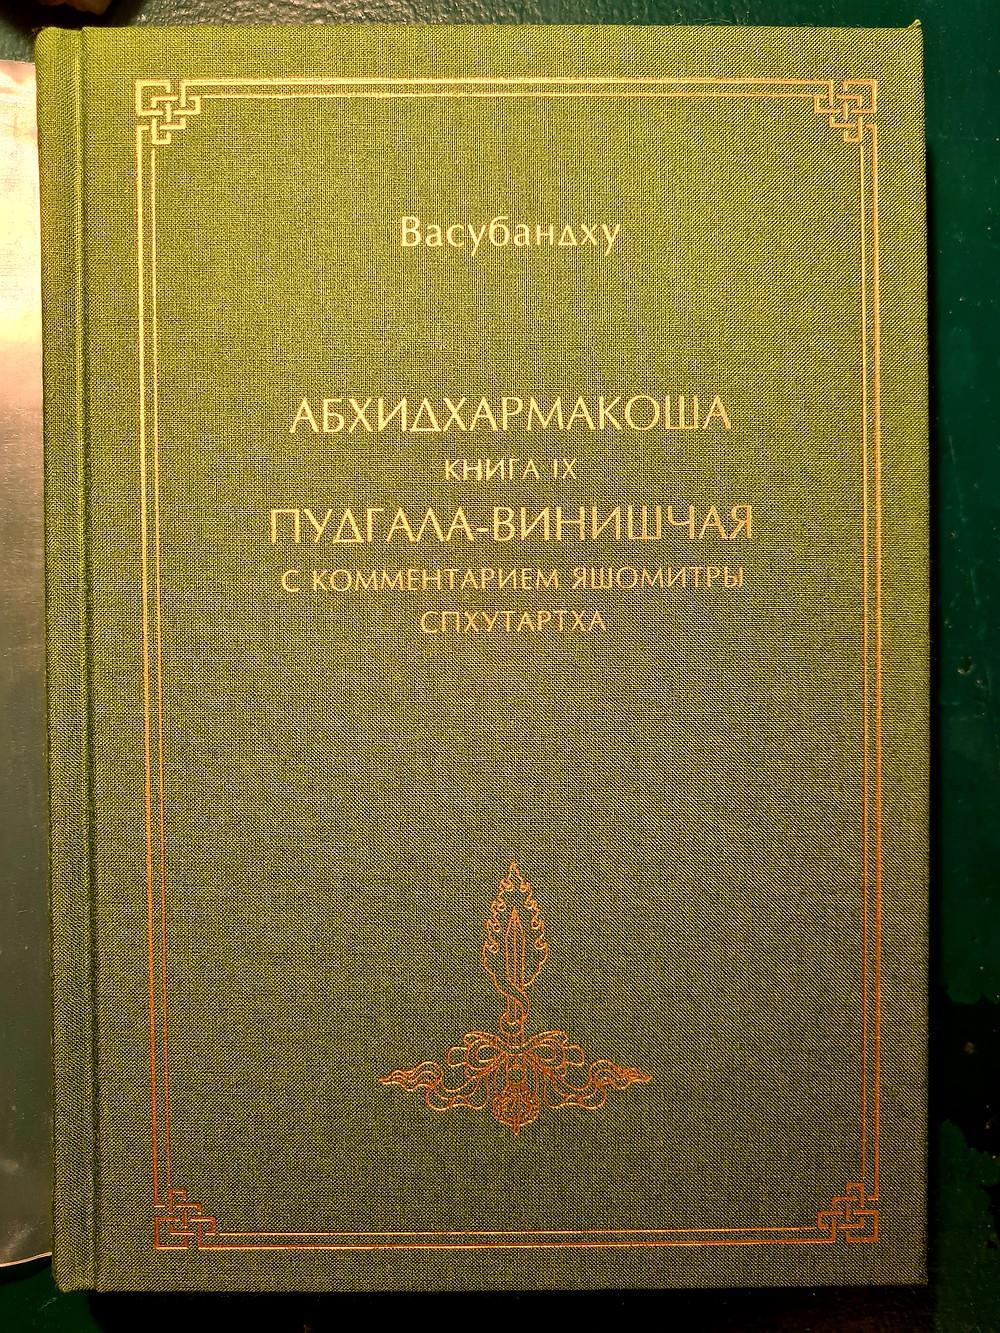 Абхидхармакоша, книга 9-я, «Пудгала-винишчая»